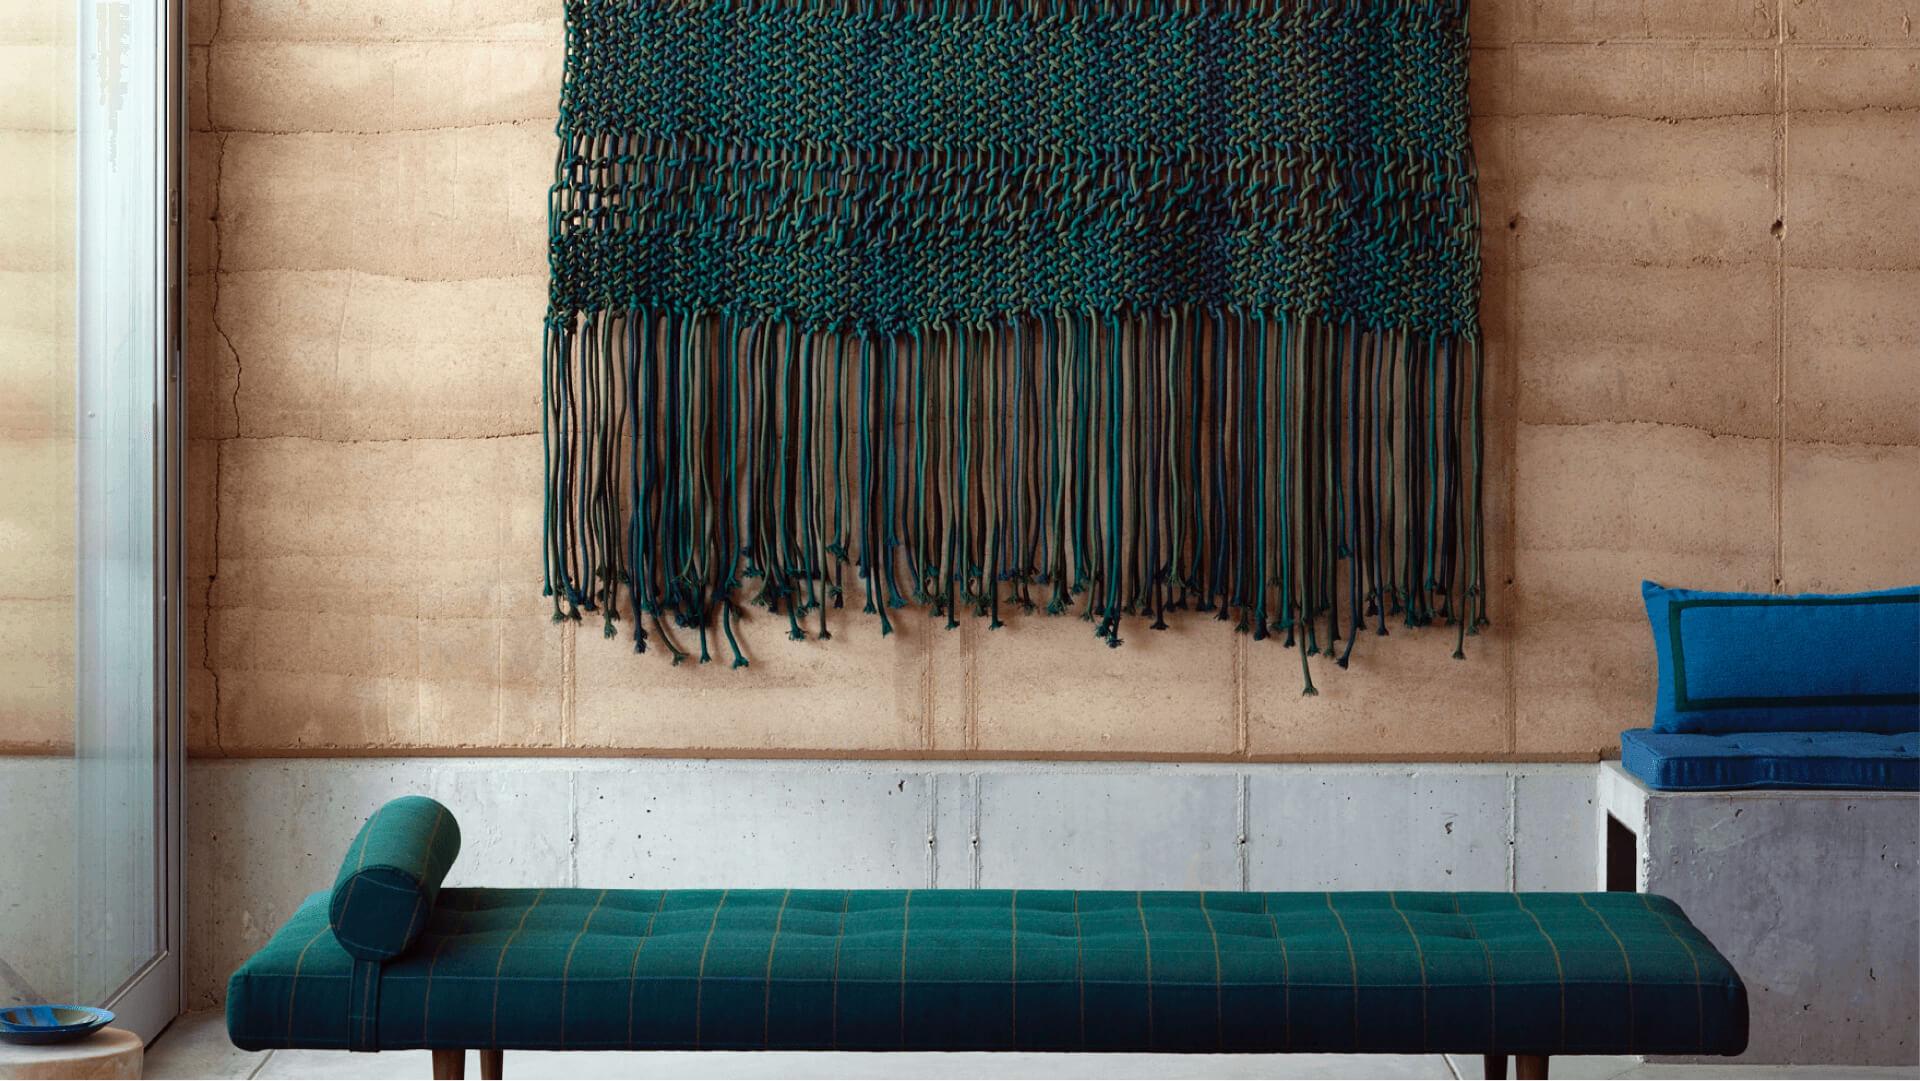 Bordo Sunbrella verde, blu e verde acquamarina lavorato per realizzare una tappezzeria a muro